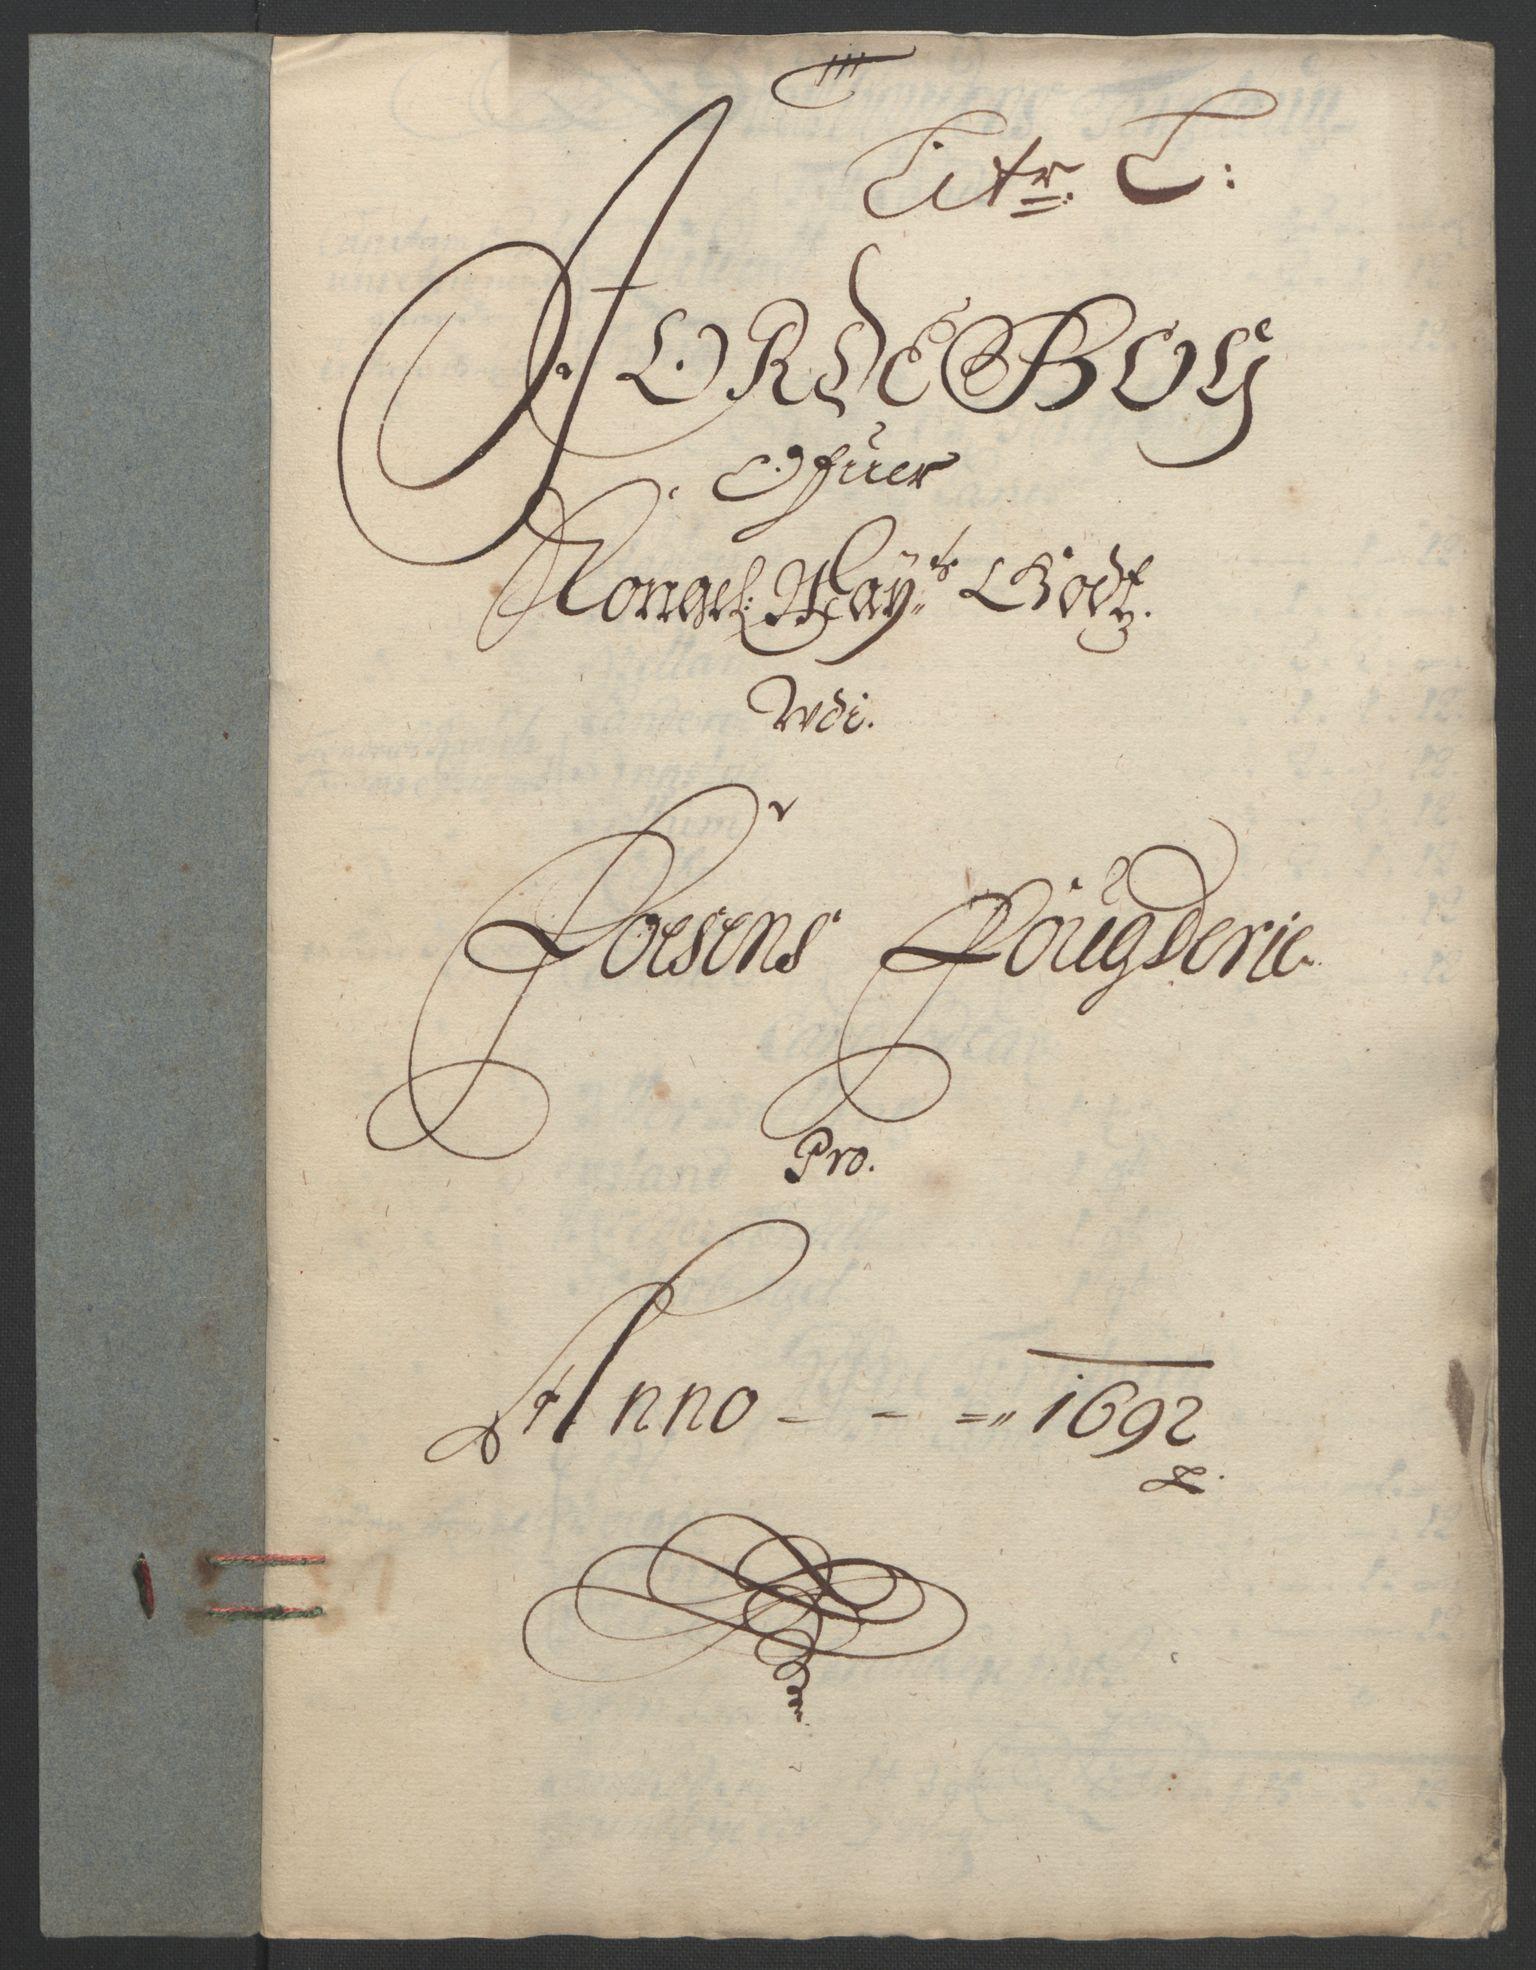 RA, Rentekammeret inntil 1814, Reviderte regnskaper, Fogderegnskap, R57/L3849: Fogderegnskap Fosen, 1692-1693, s. 180